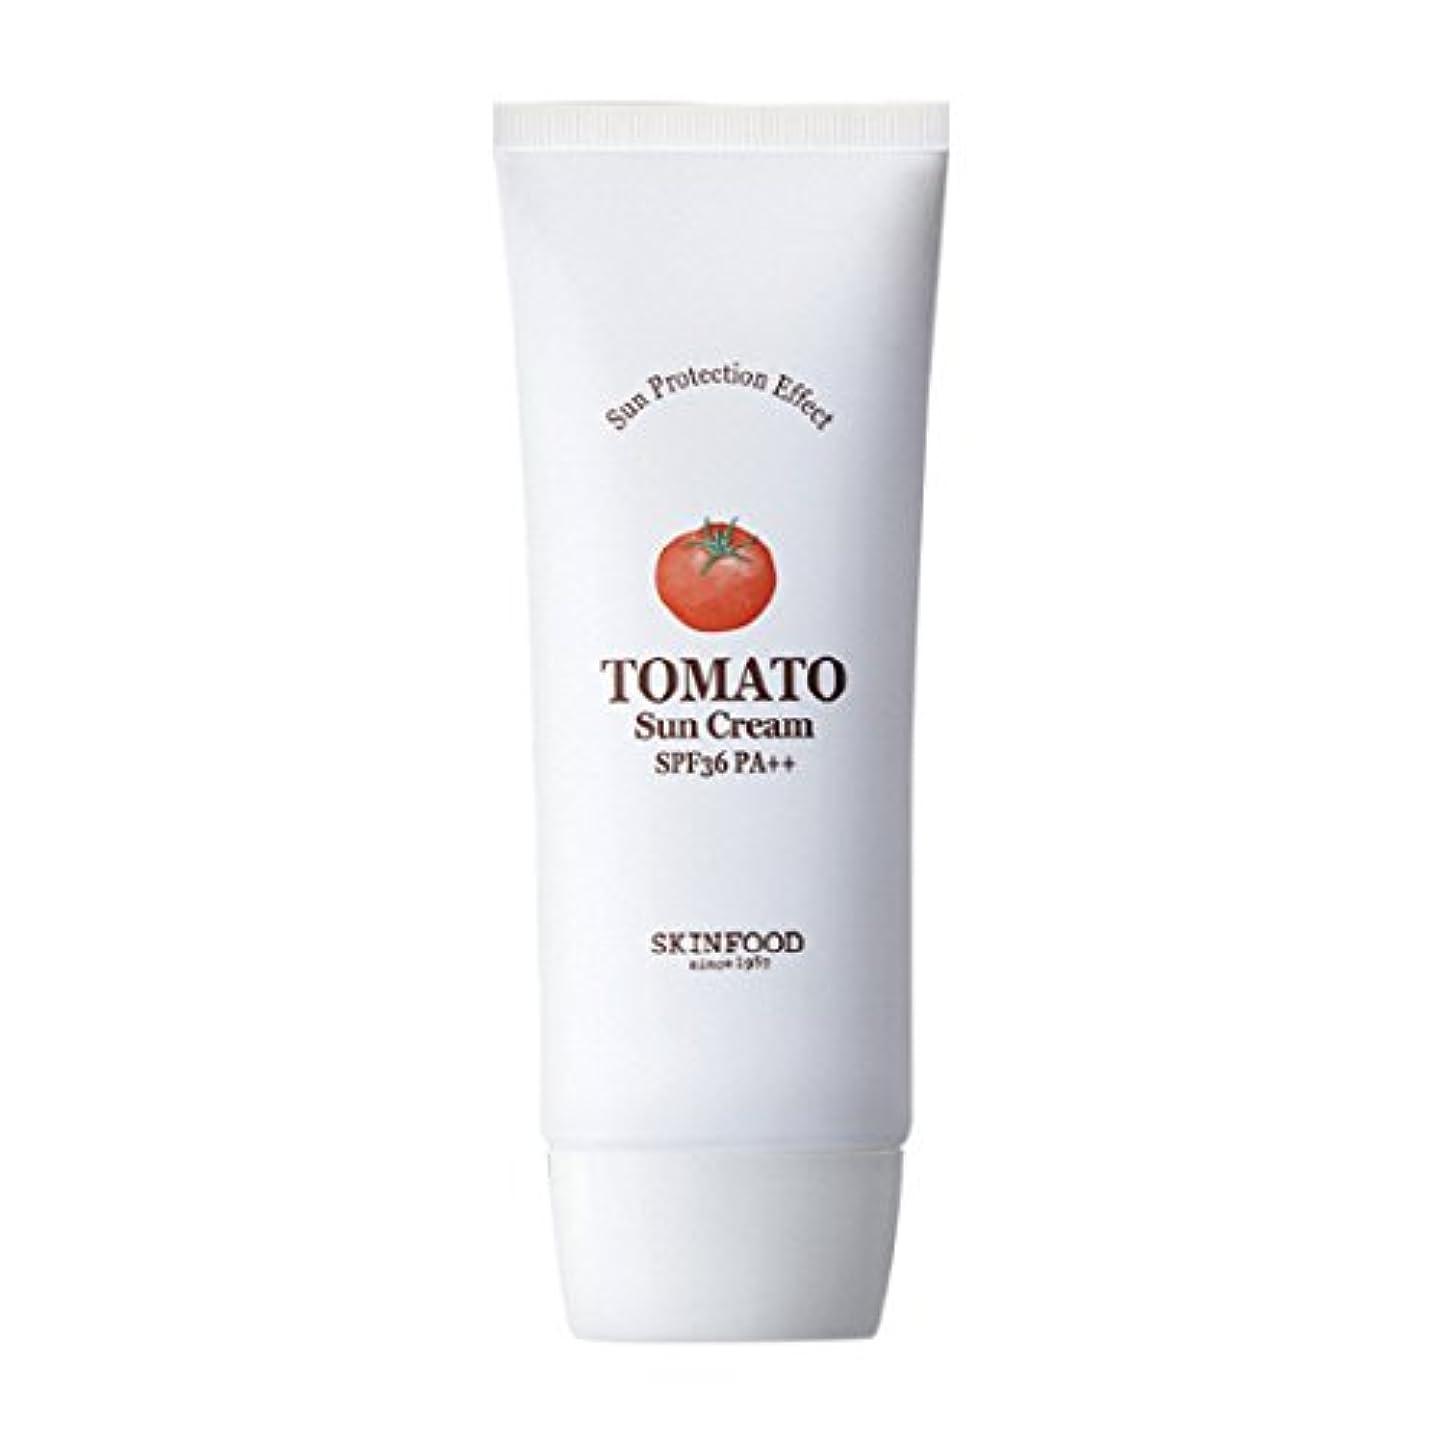 カーフアジア人ホテルSkinfood トマトサンクリームSPF 36 PA ++(UVプロテクション) / Tomato Sun Cream SPF 36 PA++ (UV Protection) 50ml [並行輸入品]